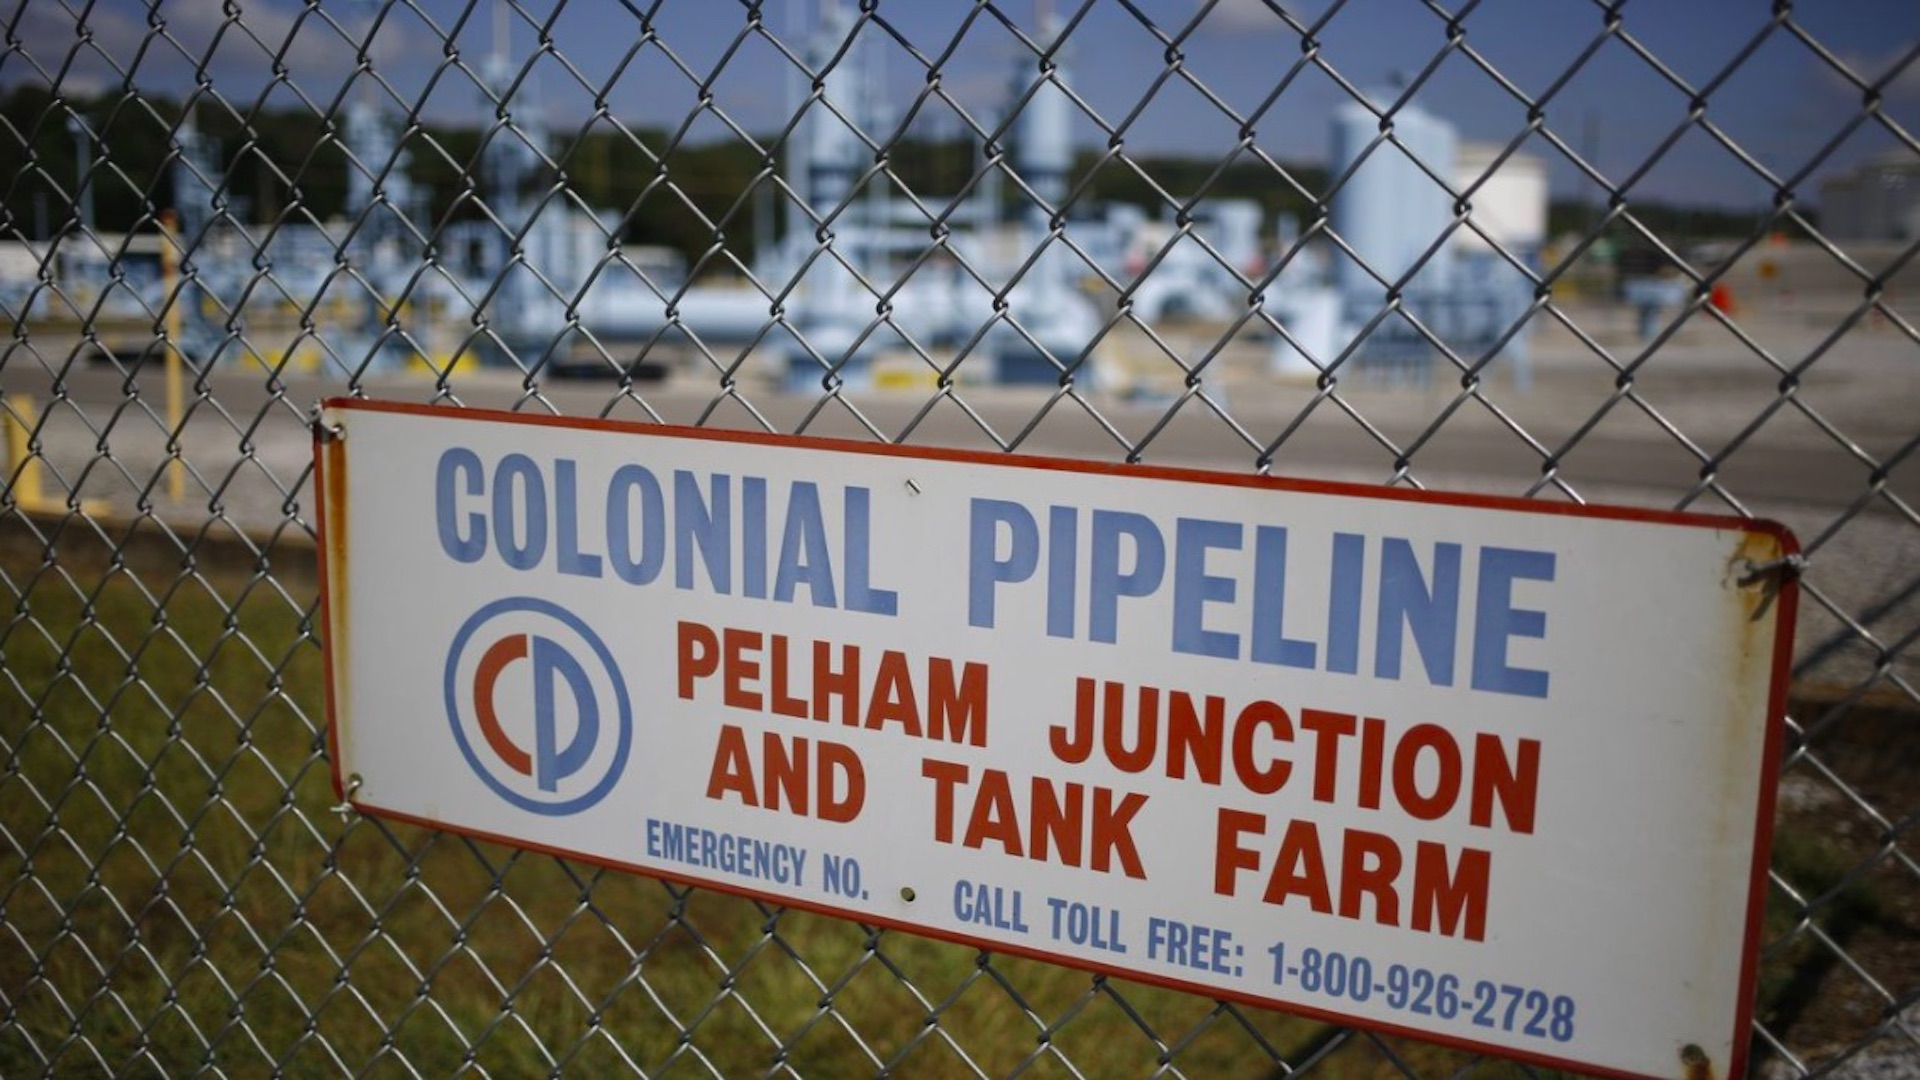 Mayor red de oleoductos de EE.UU. suspende operaciones por ciberataque. Foto de Bloomberg